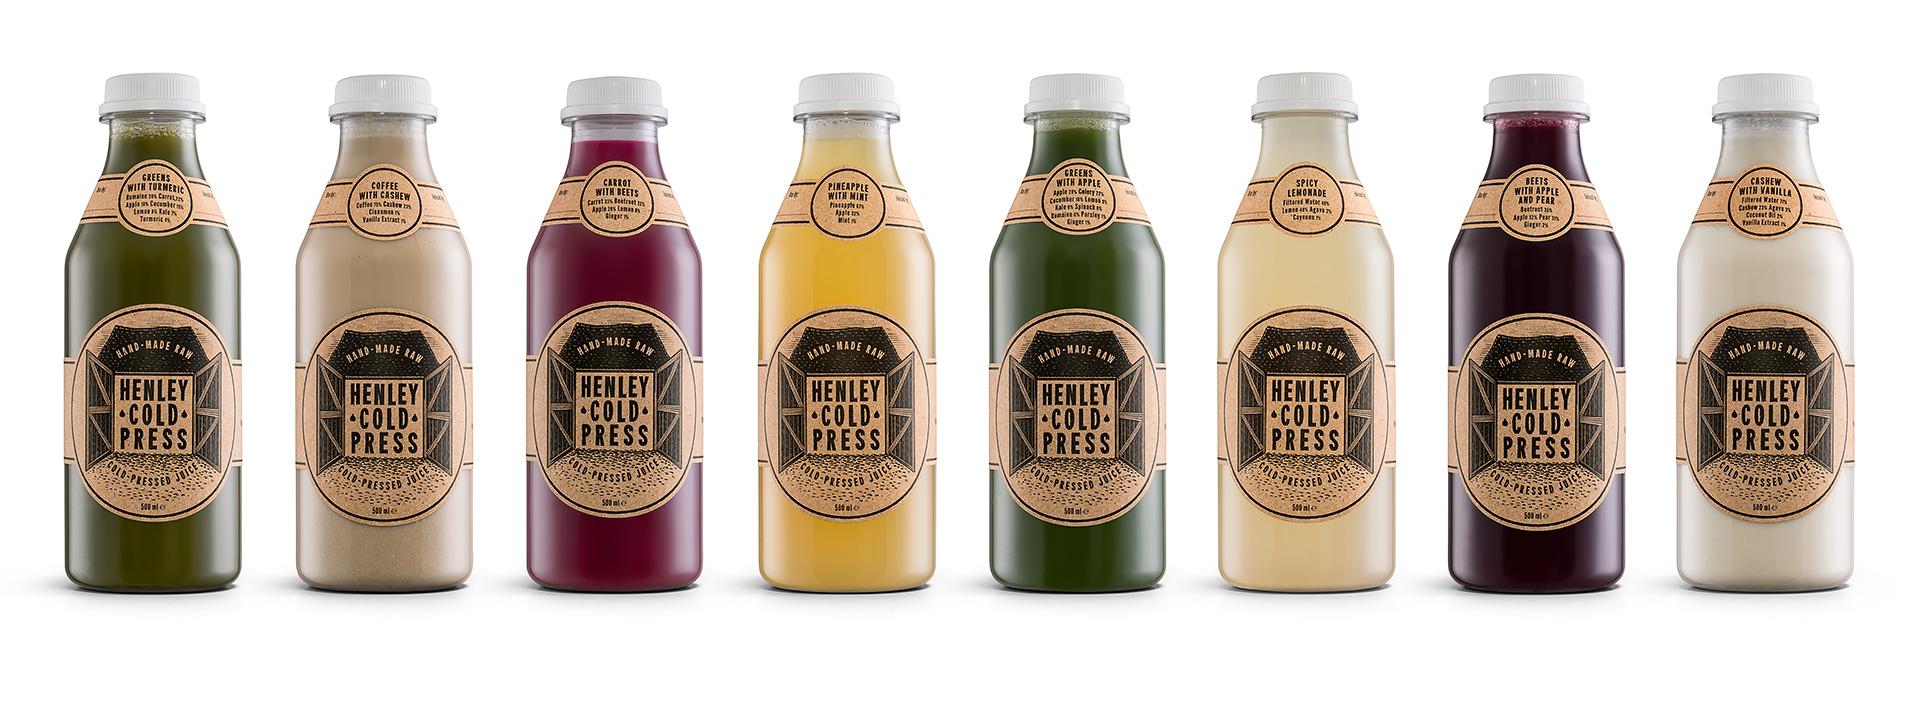 Henley Cold Press Full Range Bottles